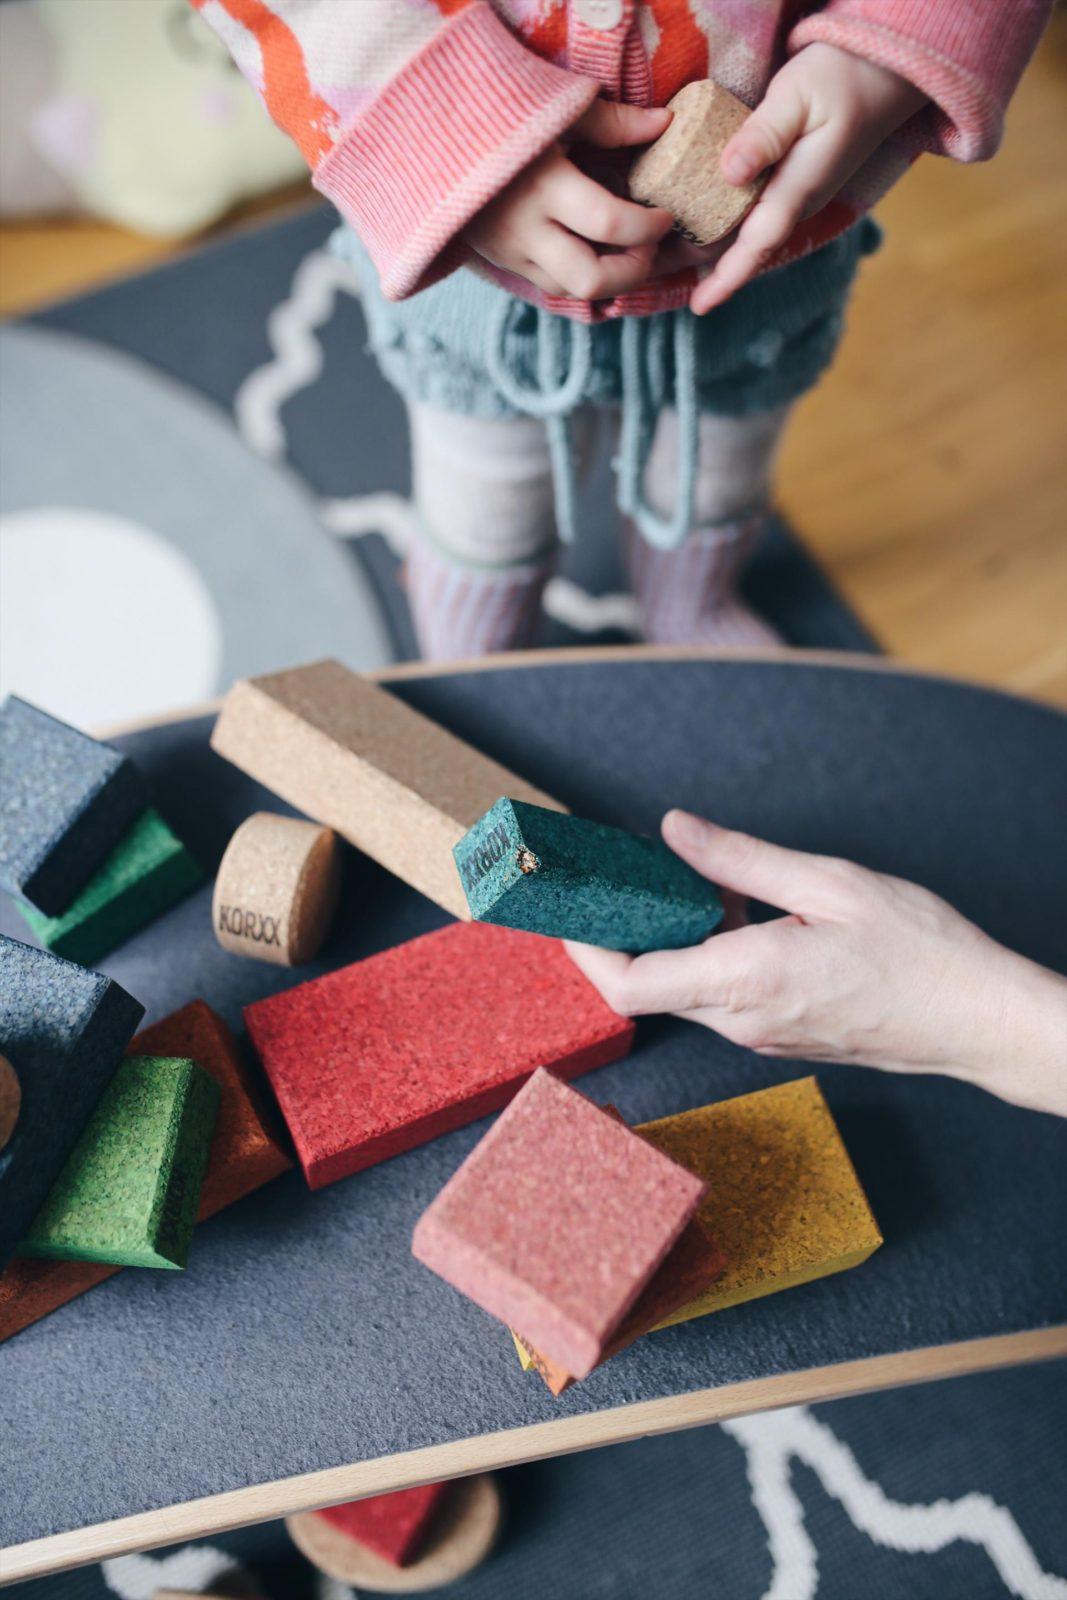 Mit Korxx Naturkork Bausteinen nachhaltig bauen & VERLOSUNG | Pinspiration.de